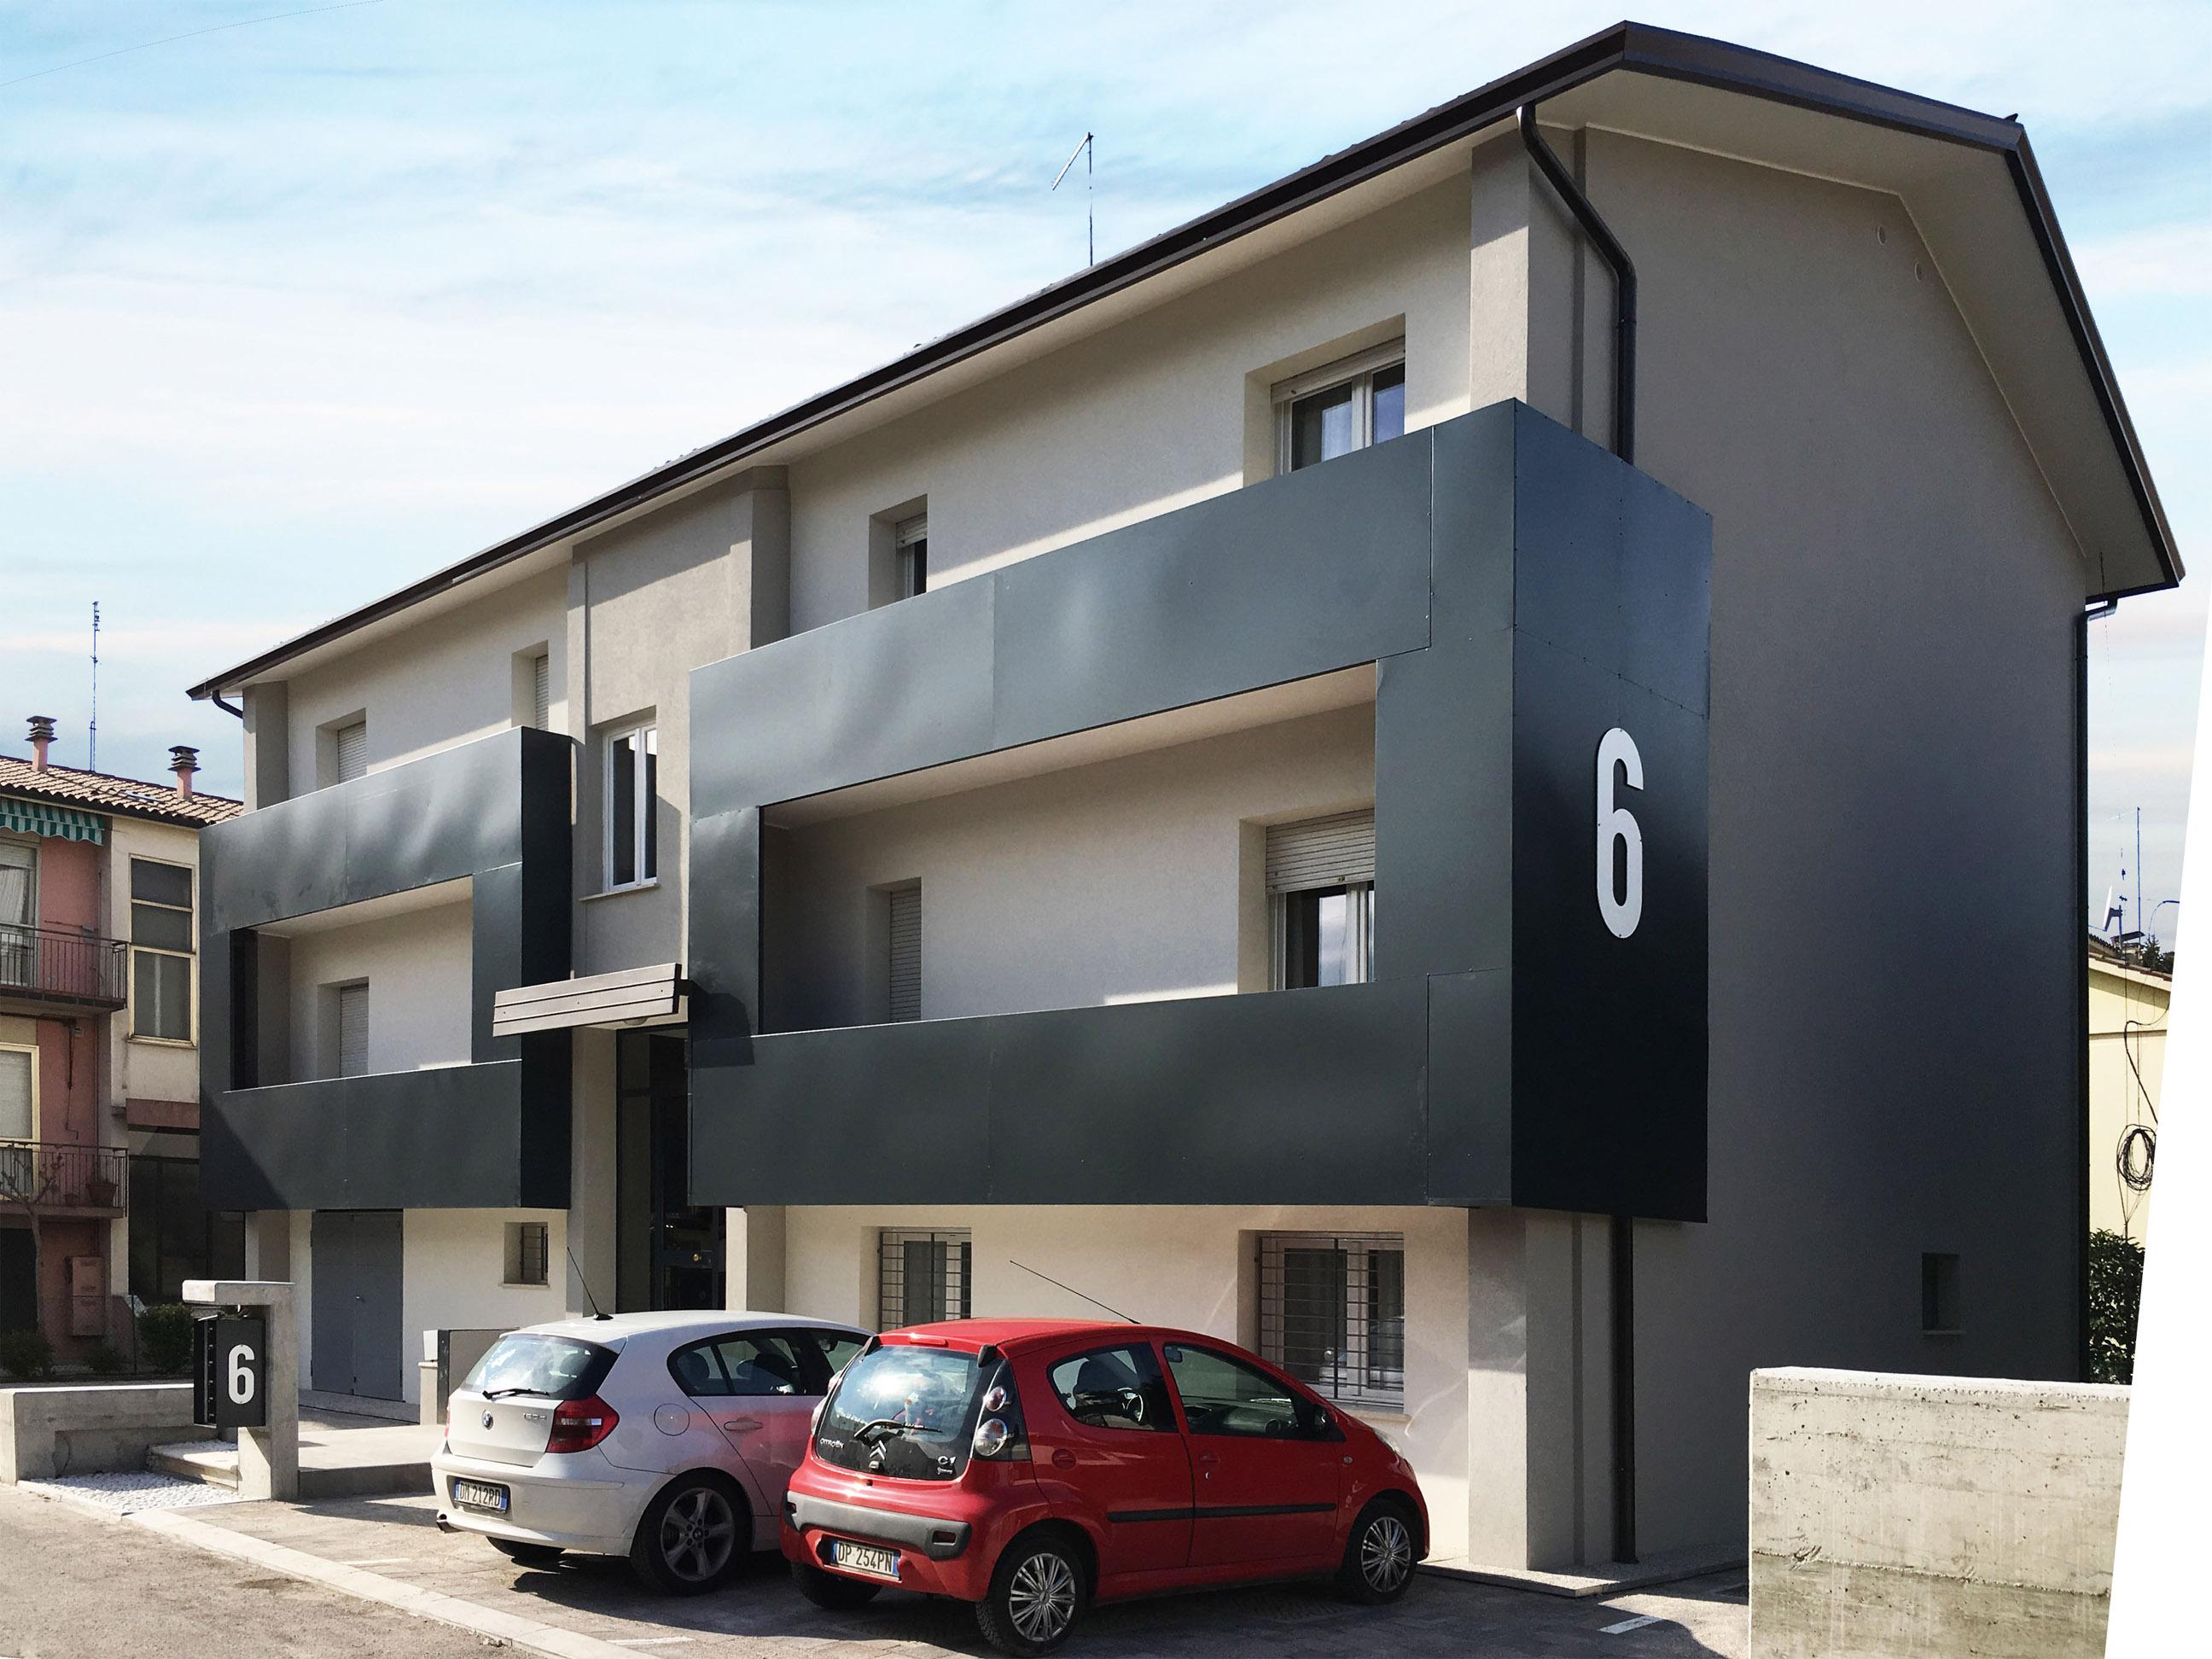 Treviso - Camere in Affitto - San Zeno - Studio Architettura Zanatta 02